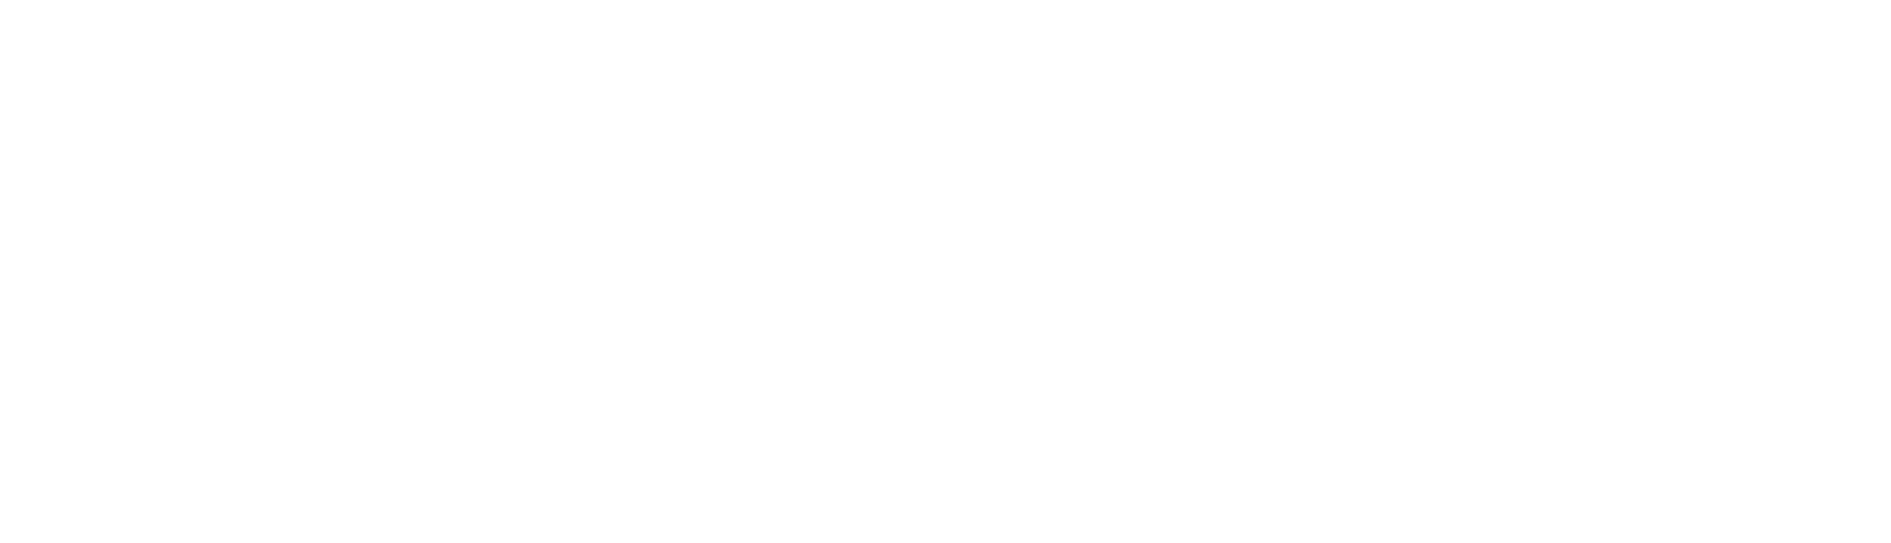 Autohaus Car Selection Lenzenweger in Bad Leonfelden OÖ | Ihr Fachmann für Reparaturen, Services, Wartungen, Karosserie, Lackierungen, Autoglas, Ersatzteil- und Zubehör, Versicherungsschäden, Neu- & Gebrauchtfahrzeuge.